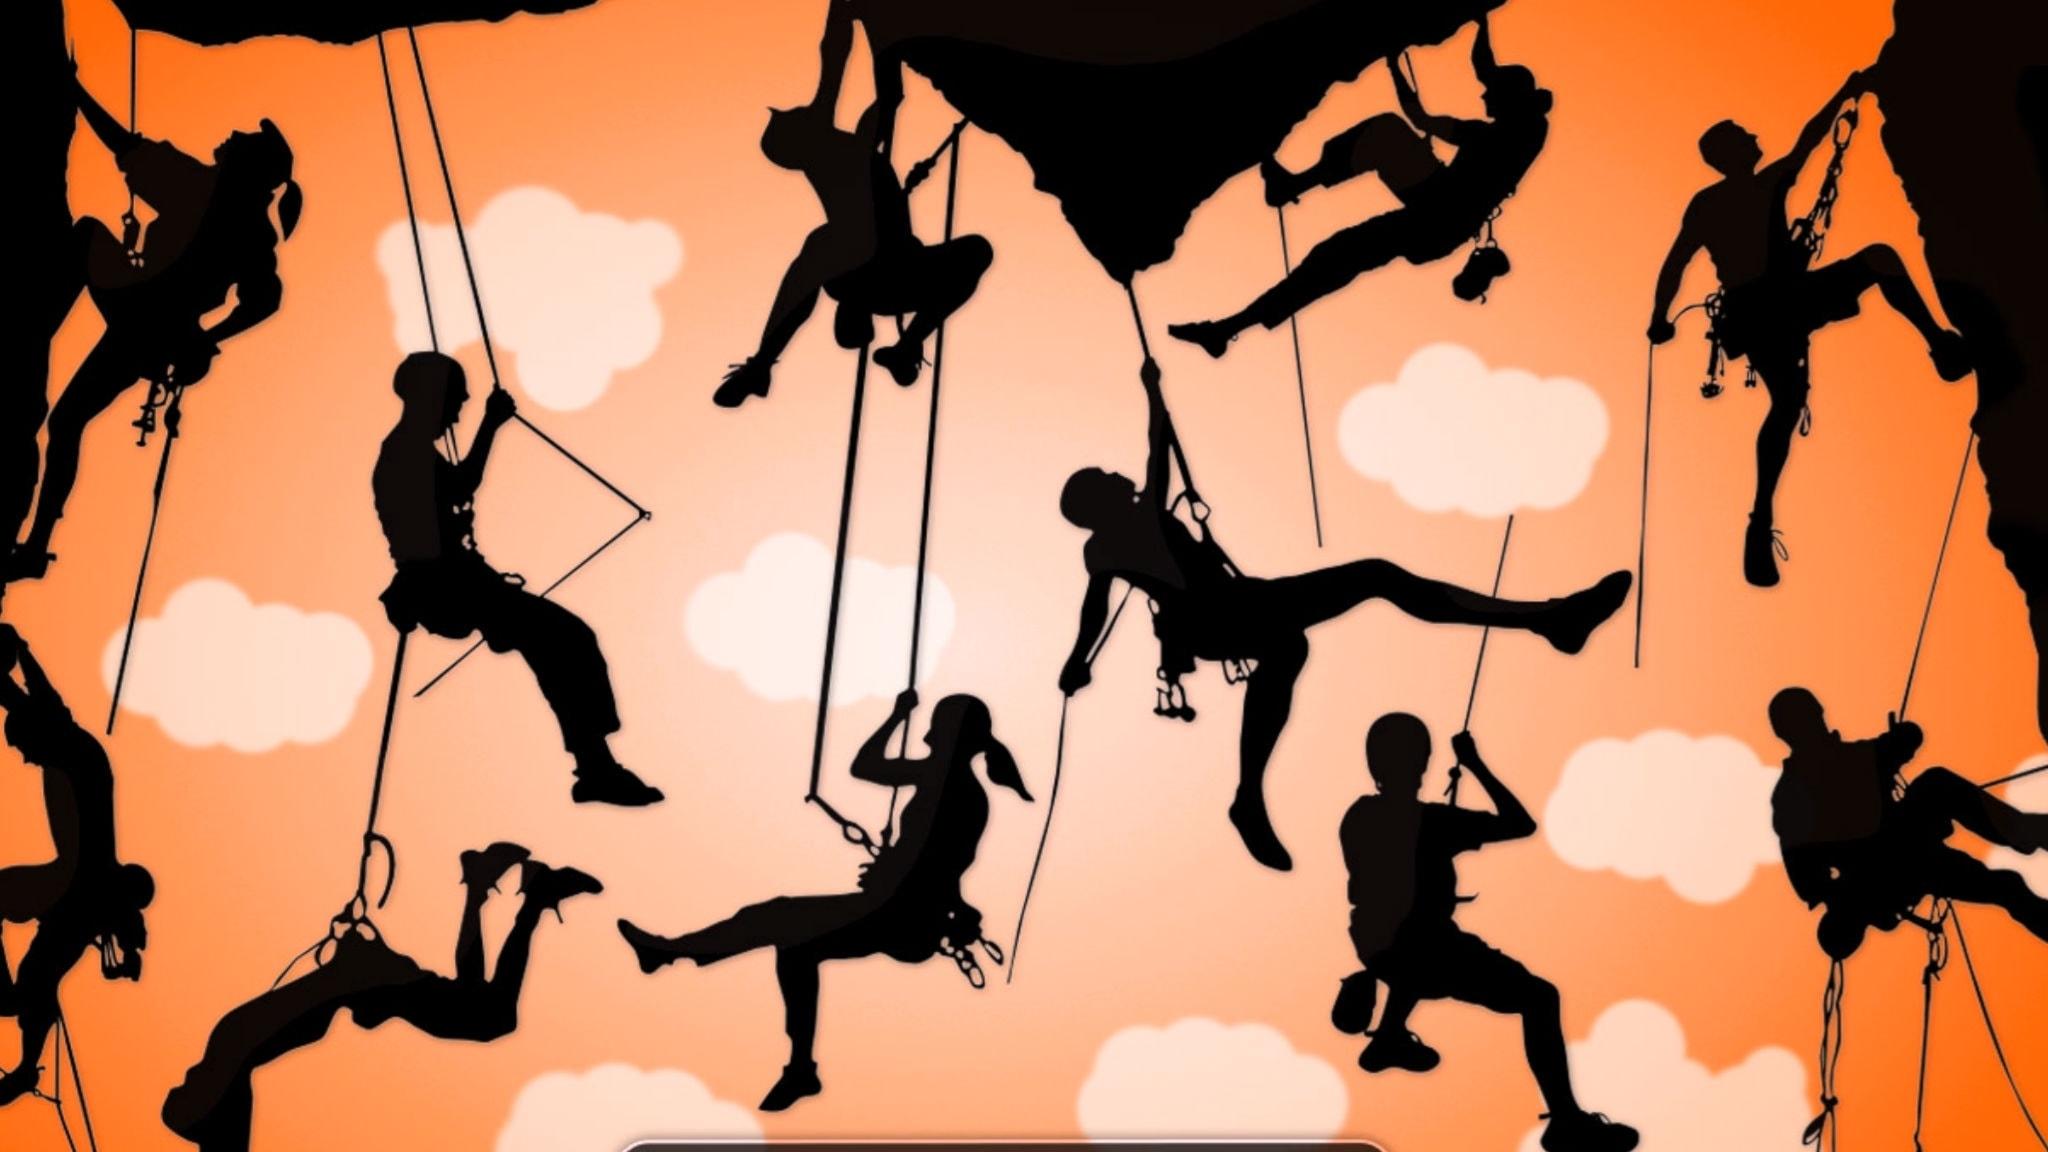 Är det verkligen meritokrati vi vill ha? - spela